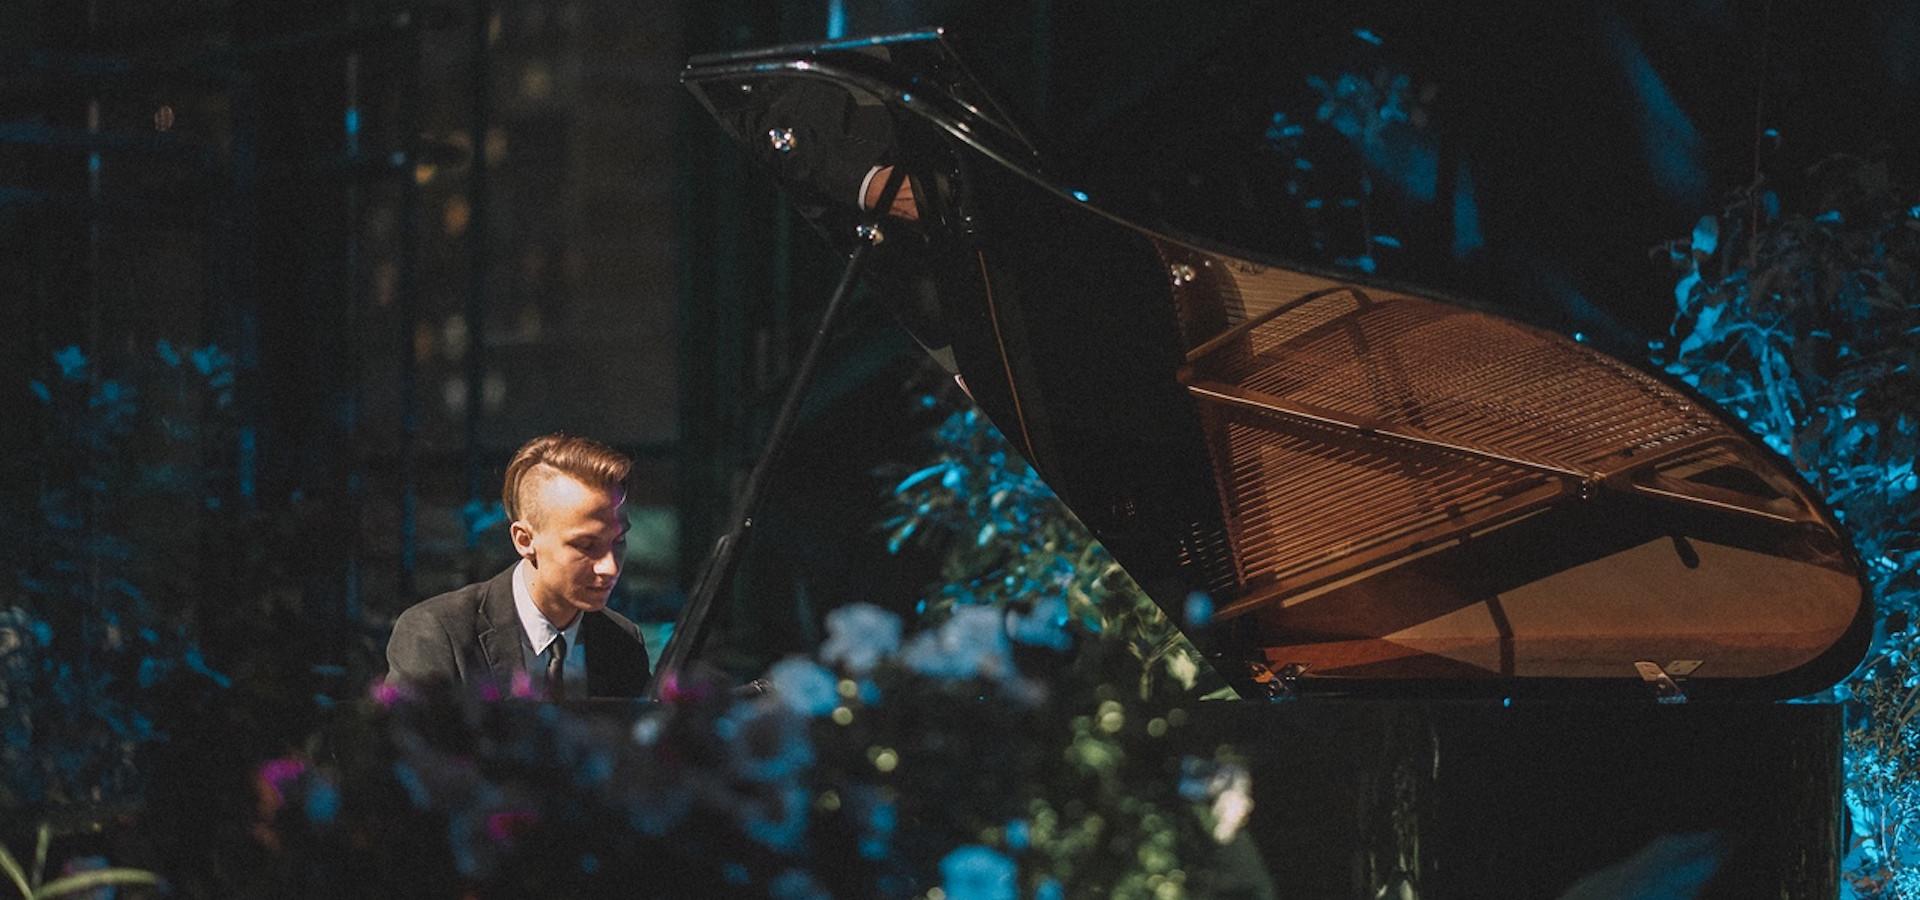 Илья Поляков (фортепиано). Почувствуй цвет! Концерт в оранжерее фото